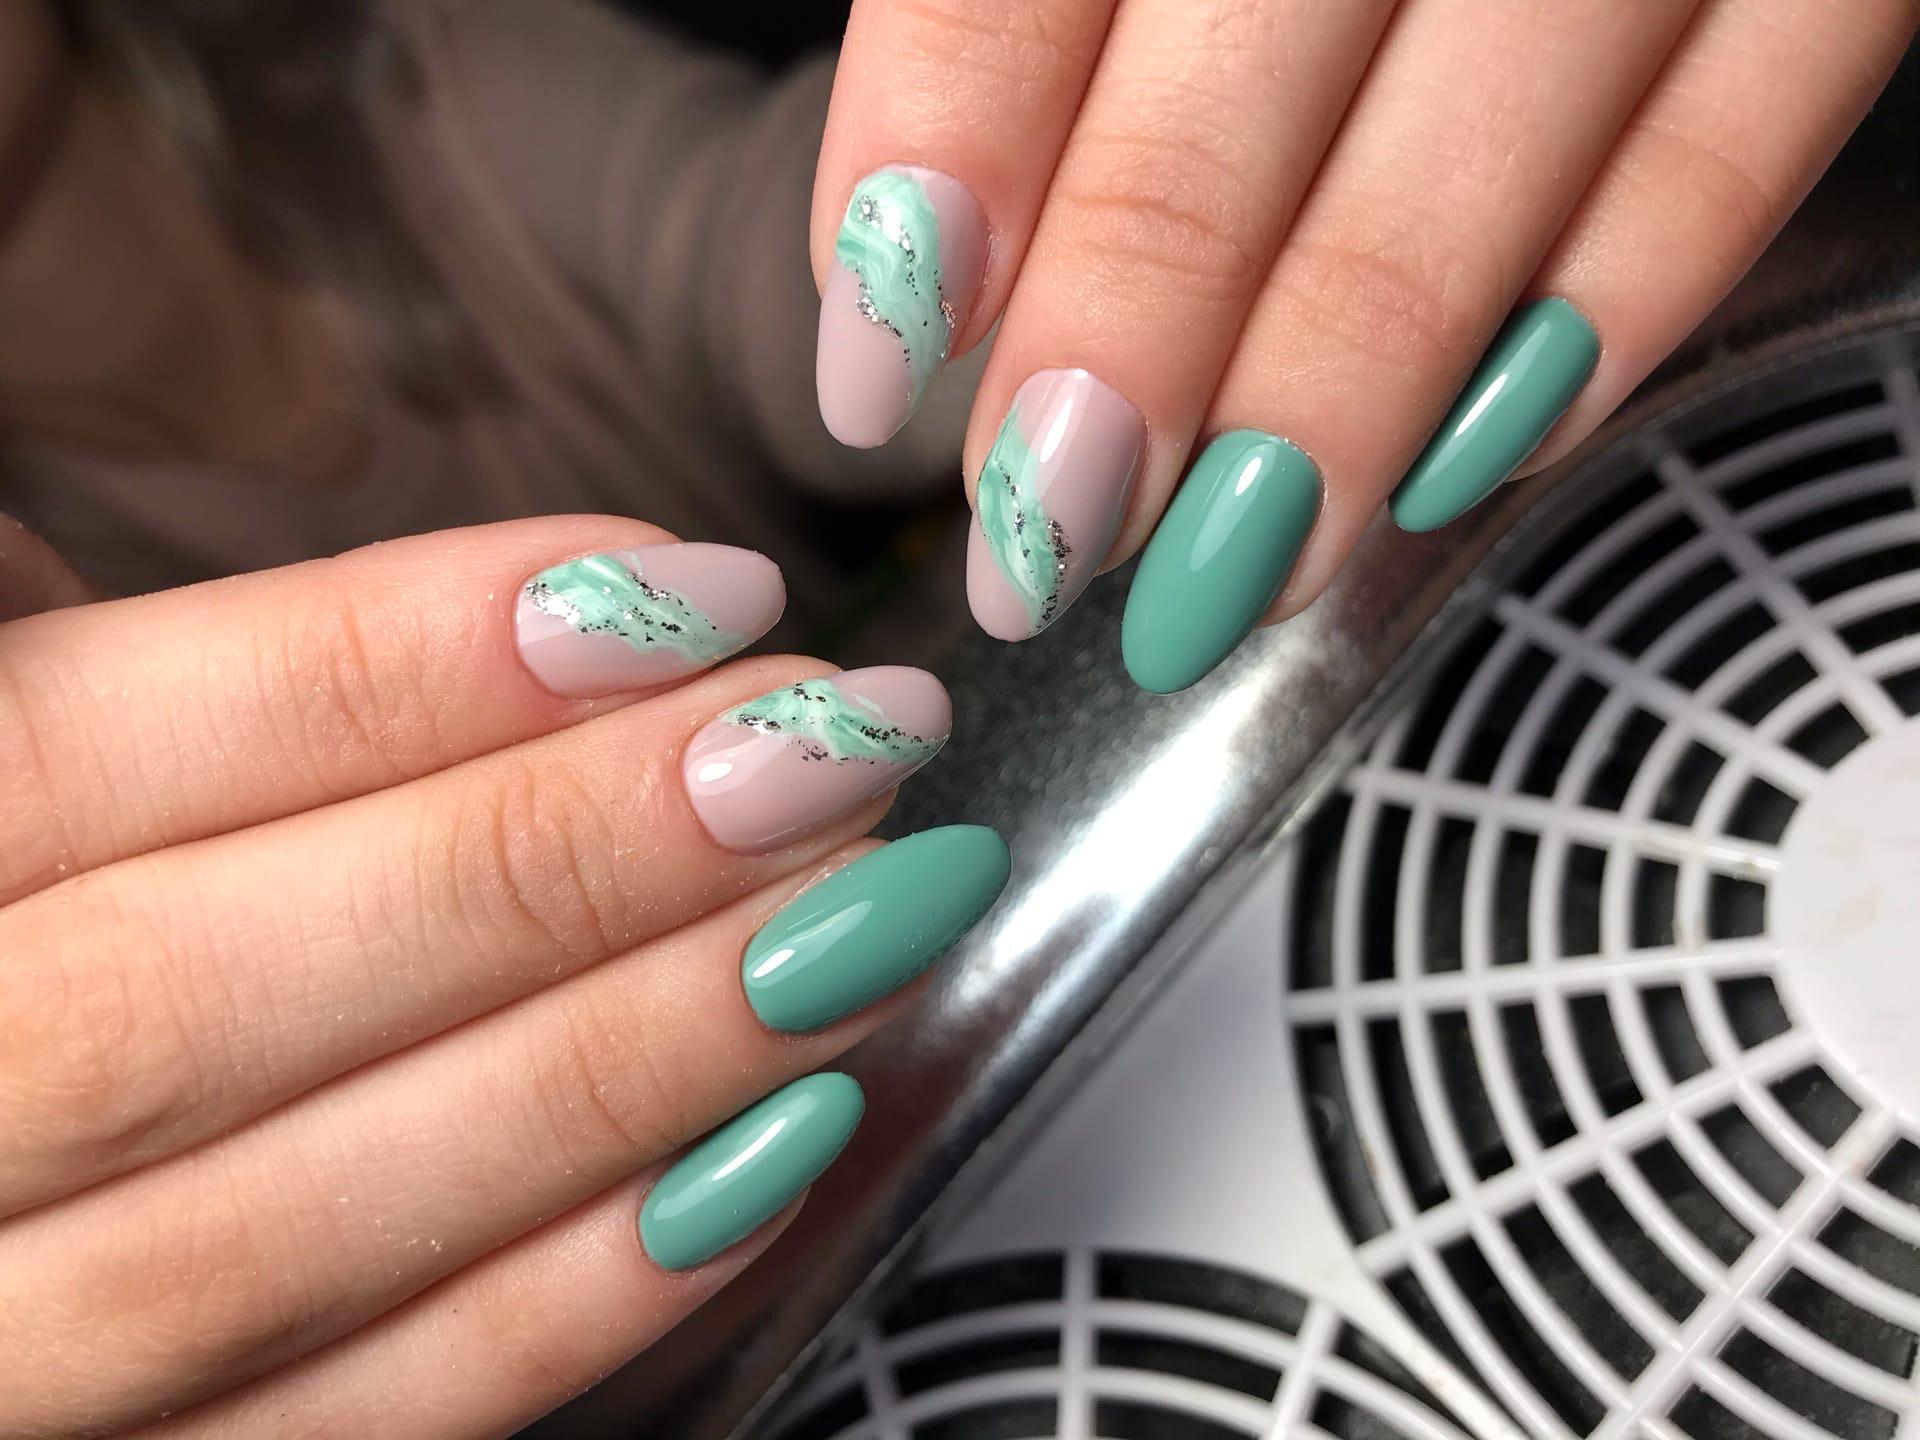 Маникюр с морским дизайном в изумрудном цвете на длинные ногти.